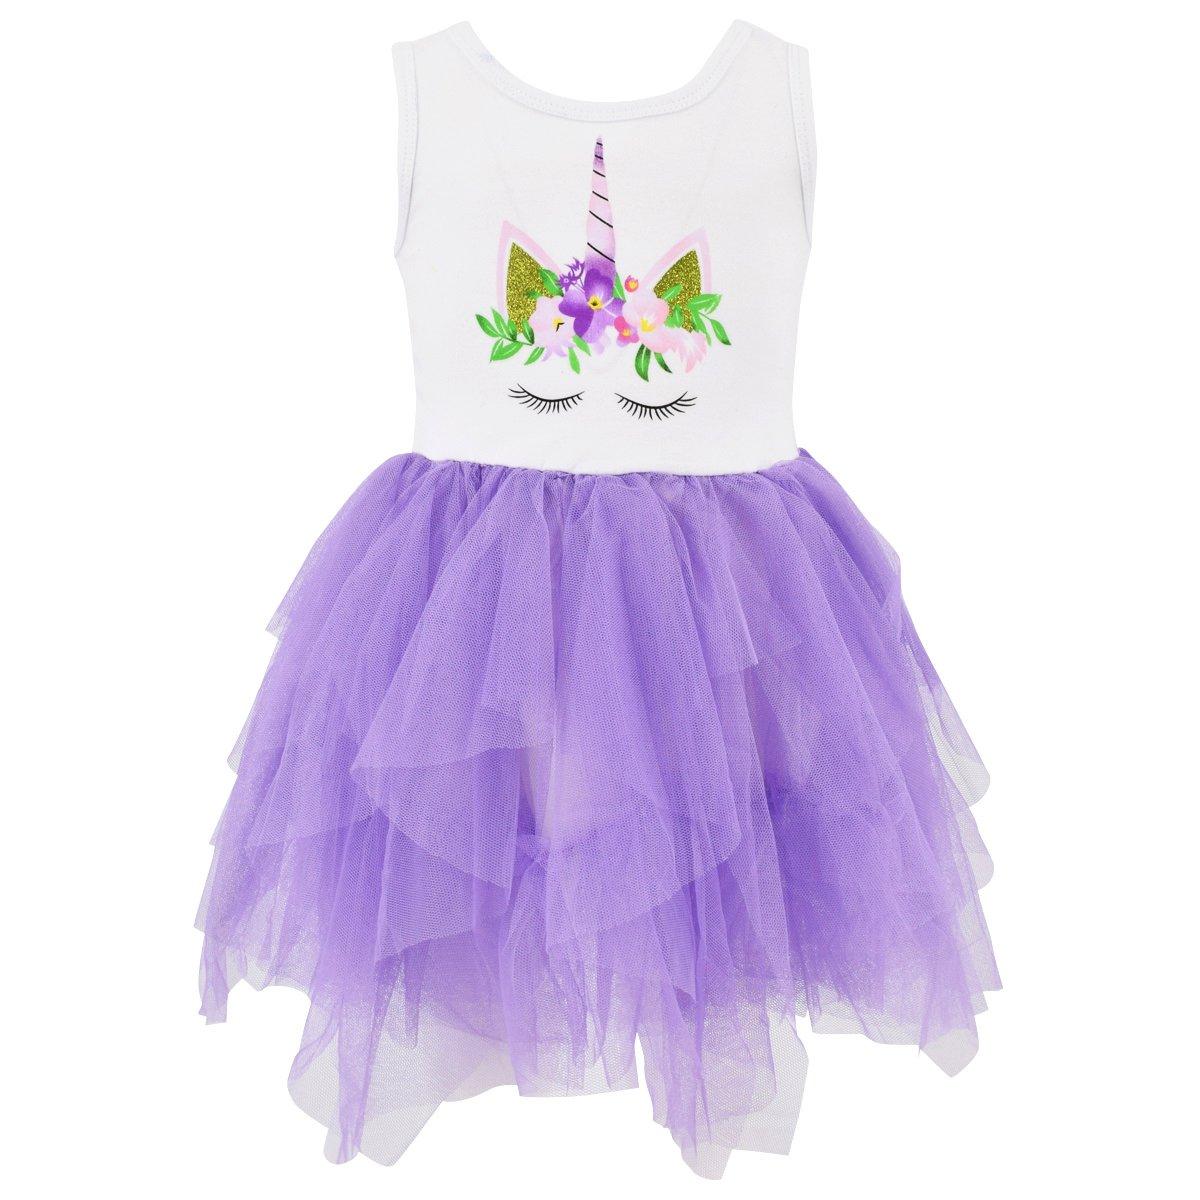 2019最新のスタイル Unique Baby B07CMJPHXY Baby DRESS DRESS ガールズ 2T B07CMJPHXY, 石垣島のみやげ館:546e08a4 --- a0267596.xsph.ru